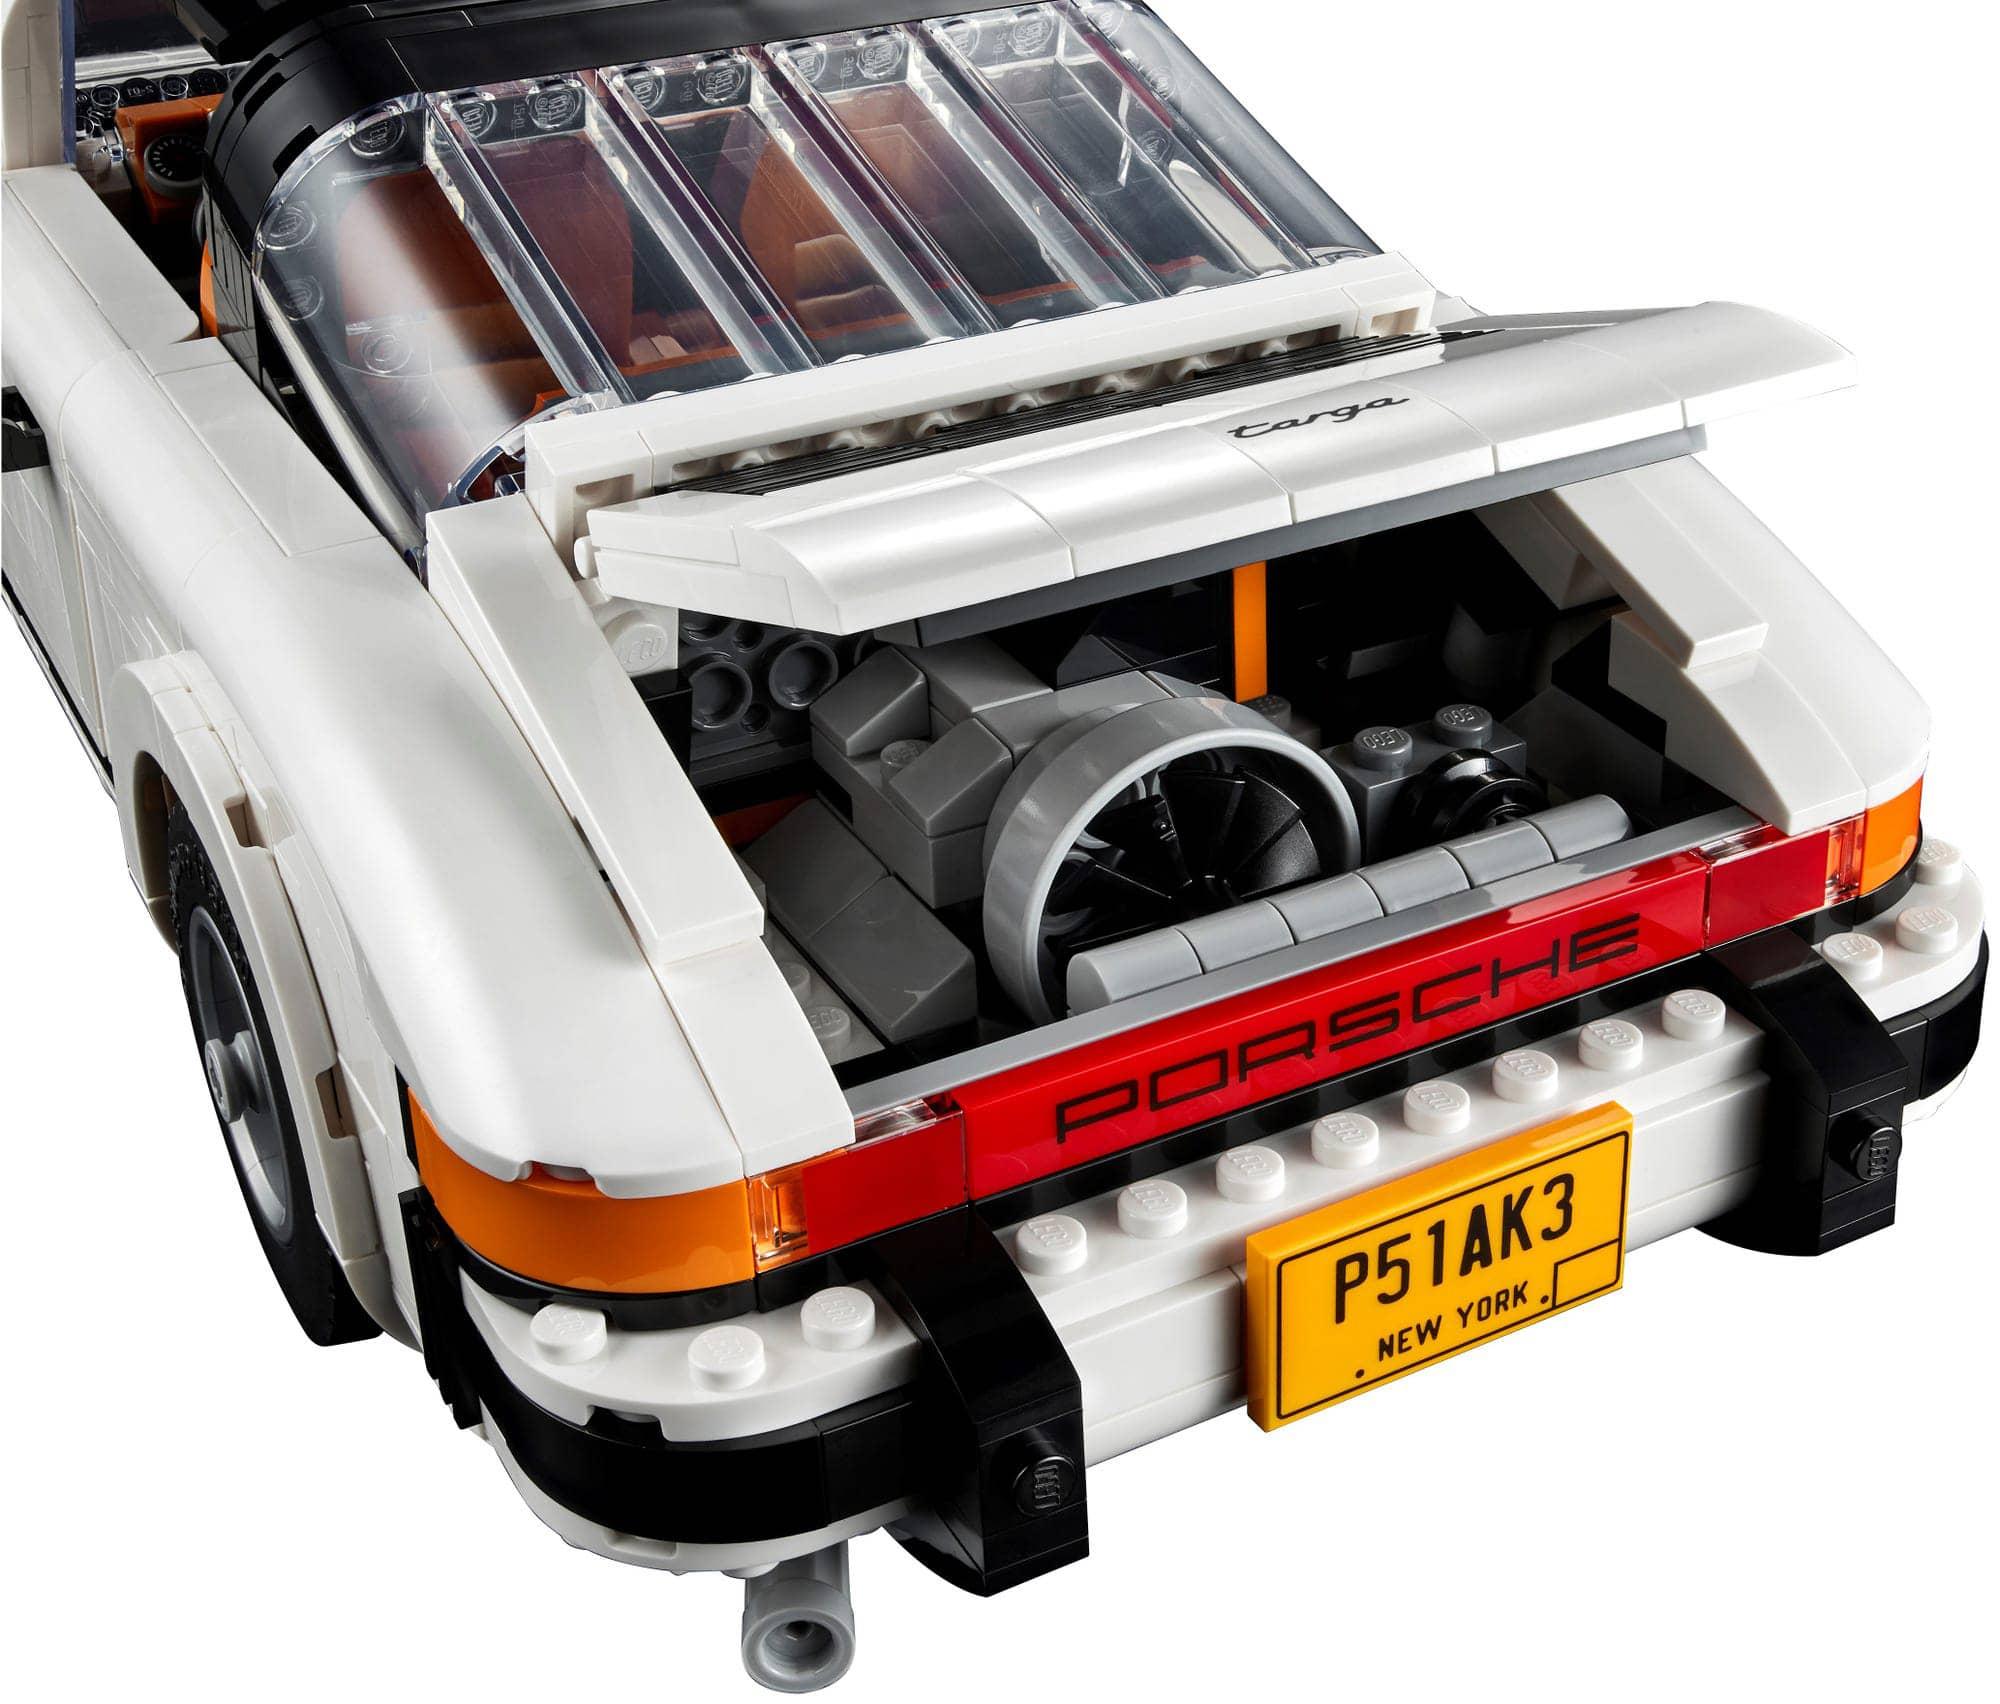 LEGO 10295 Porsche 911 Targa Heck